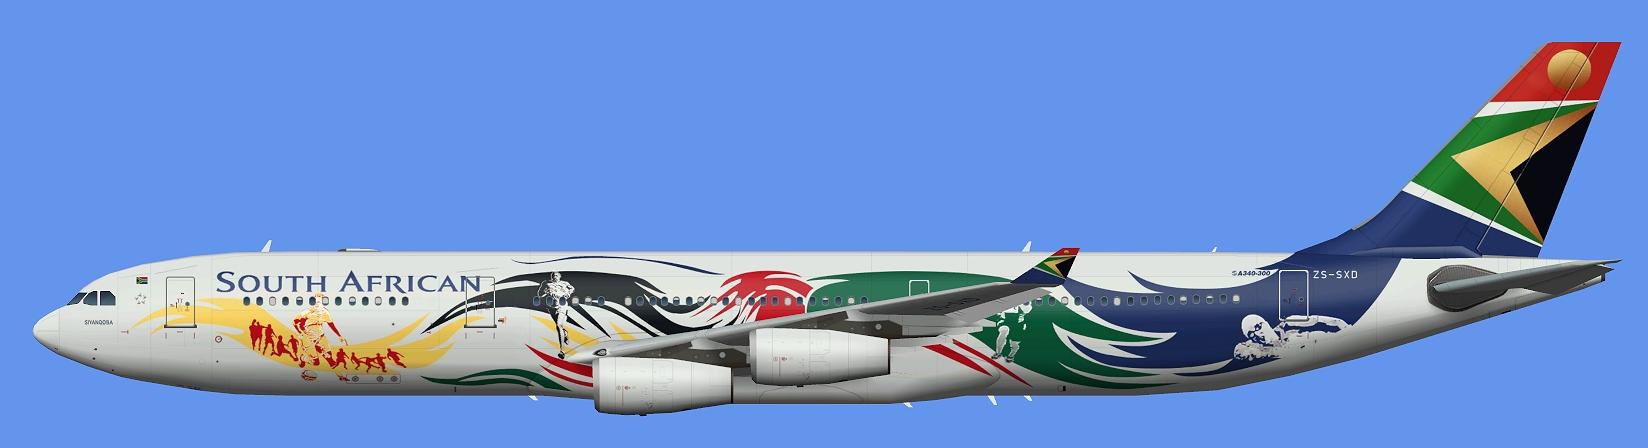 TFS_SAA_A343_ZSSXD_zps354d4572